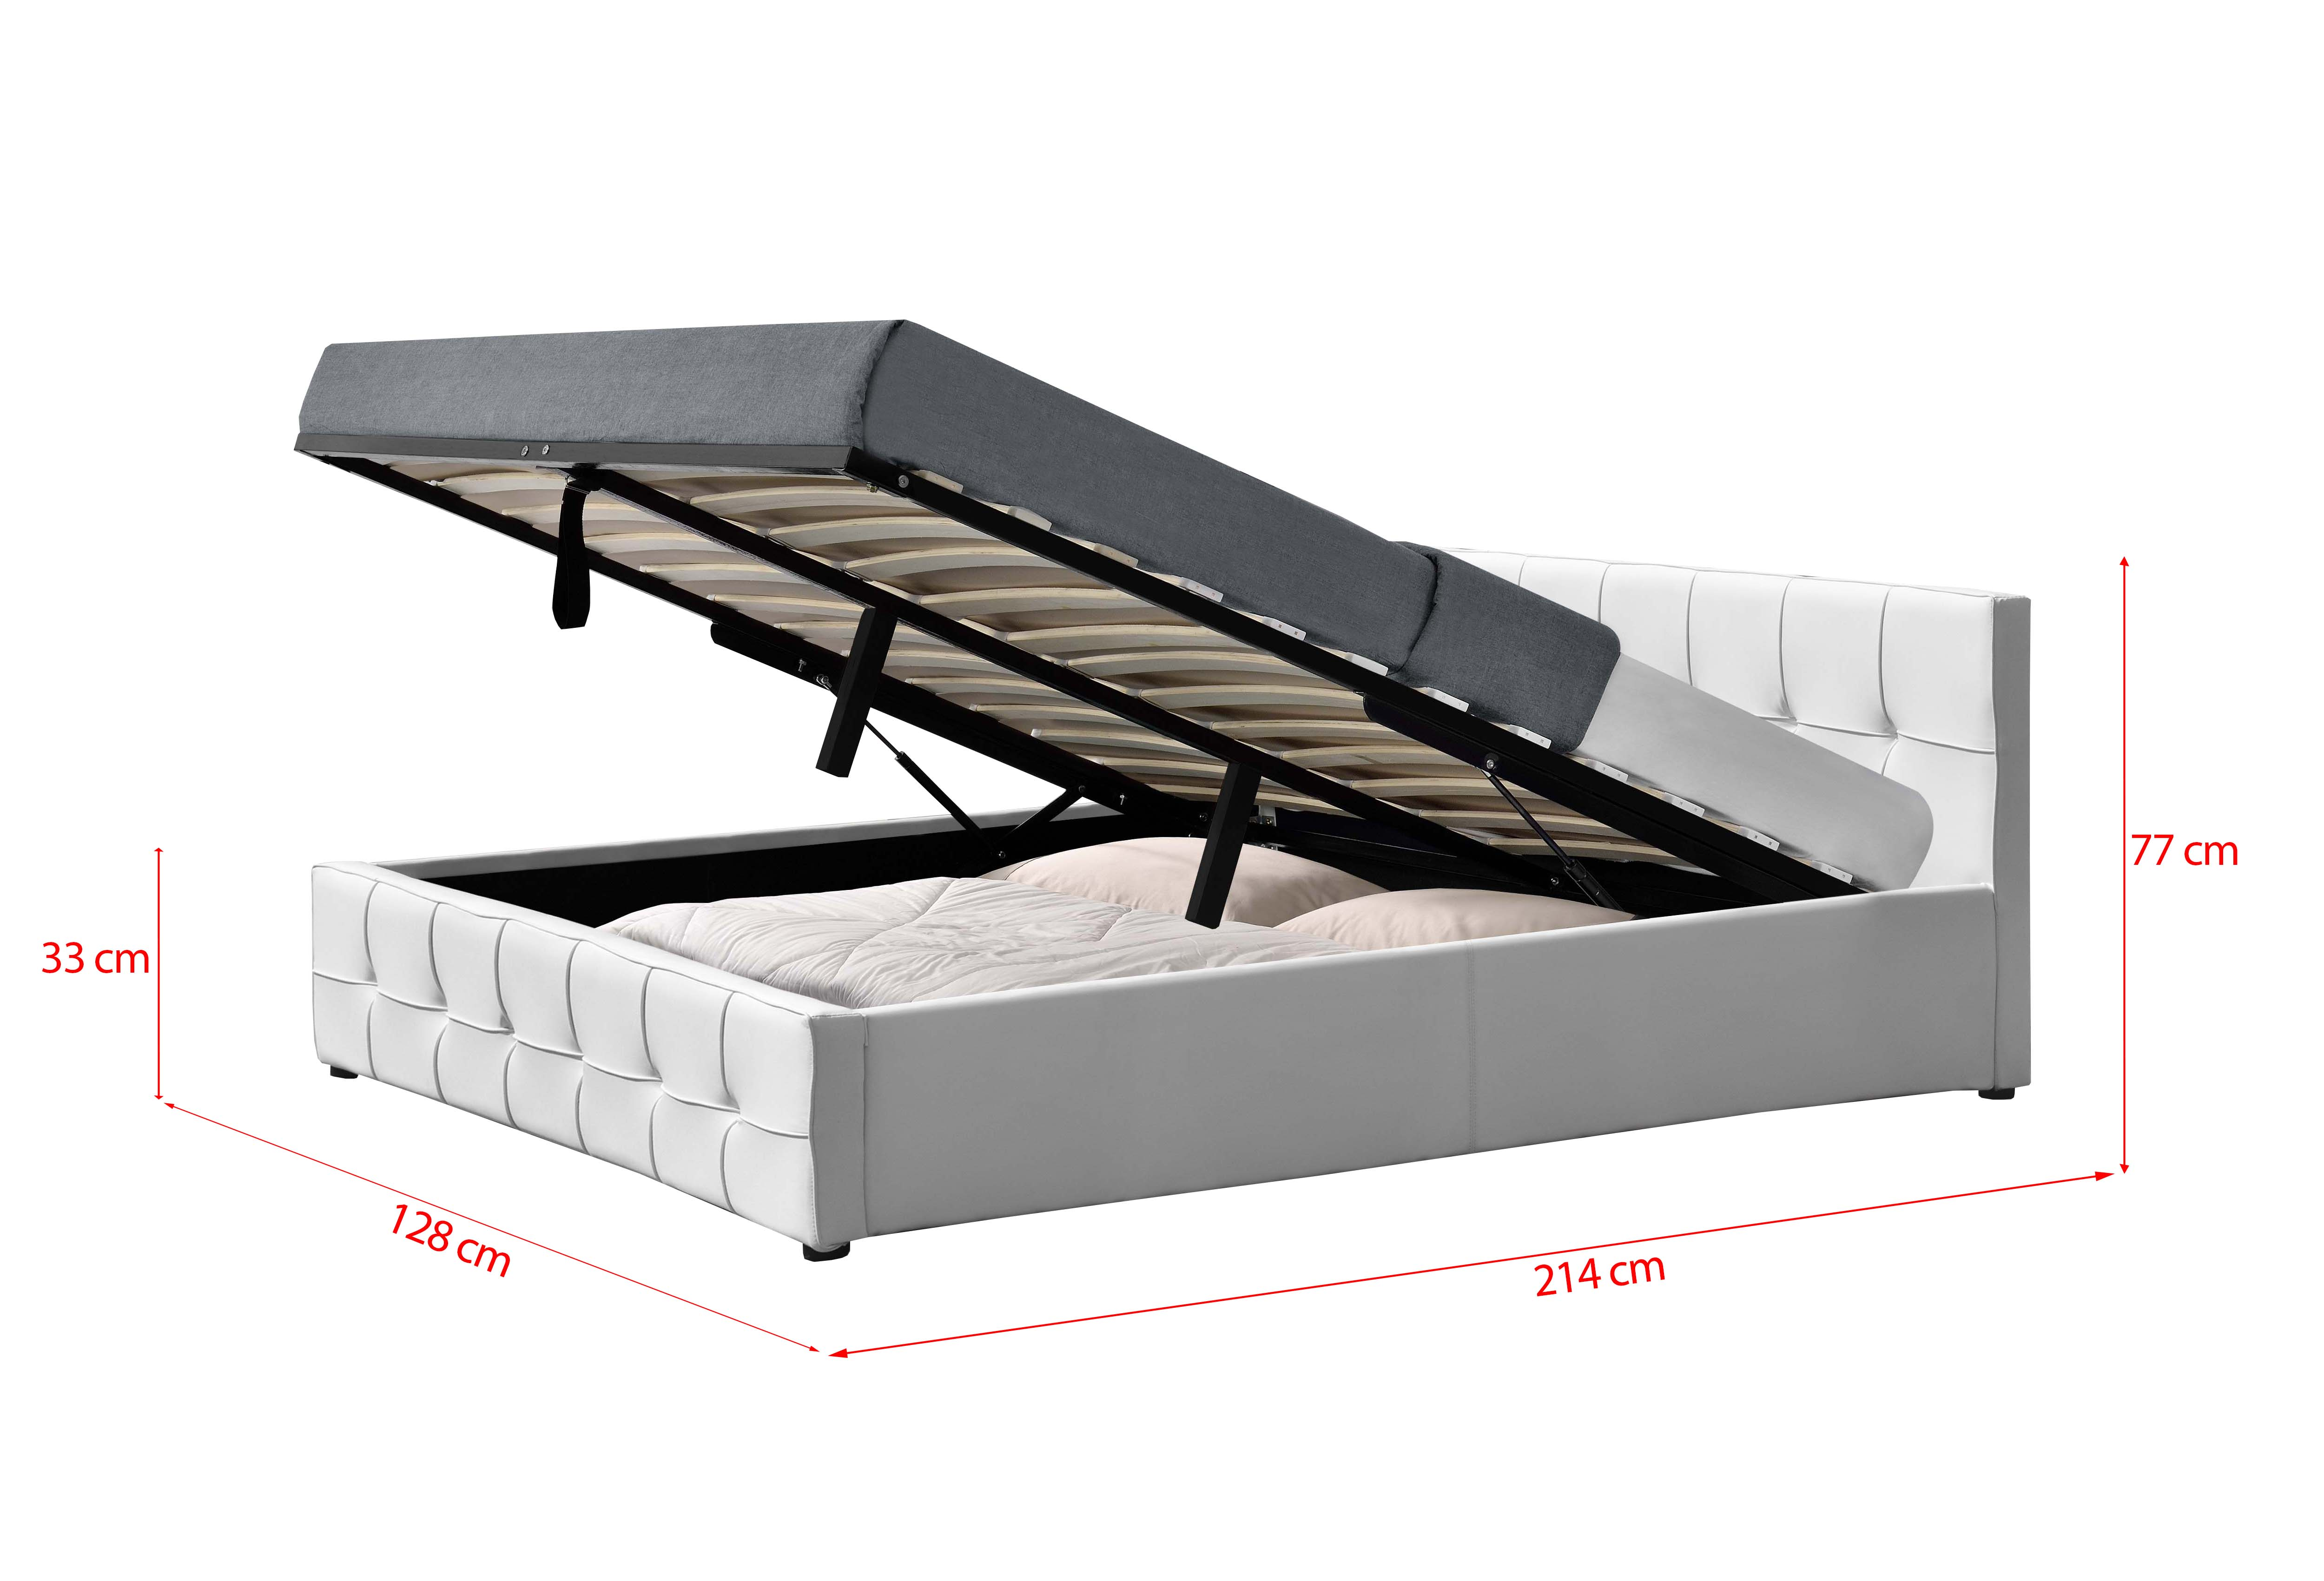 łóżko Z Materacem Tapicerowane 120x200 Sfg004 Białe